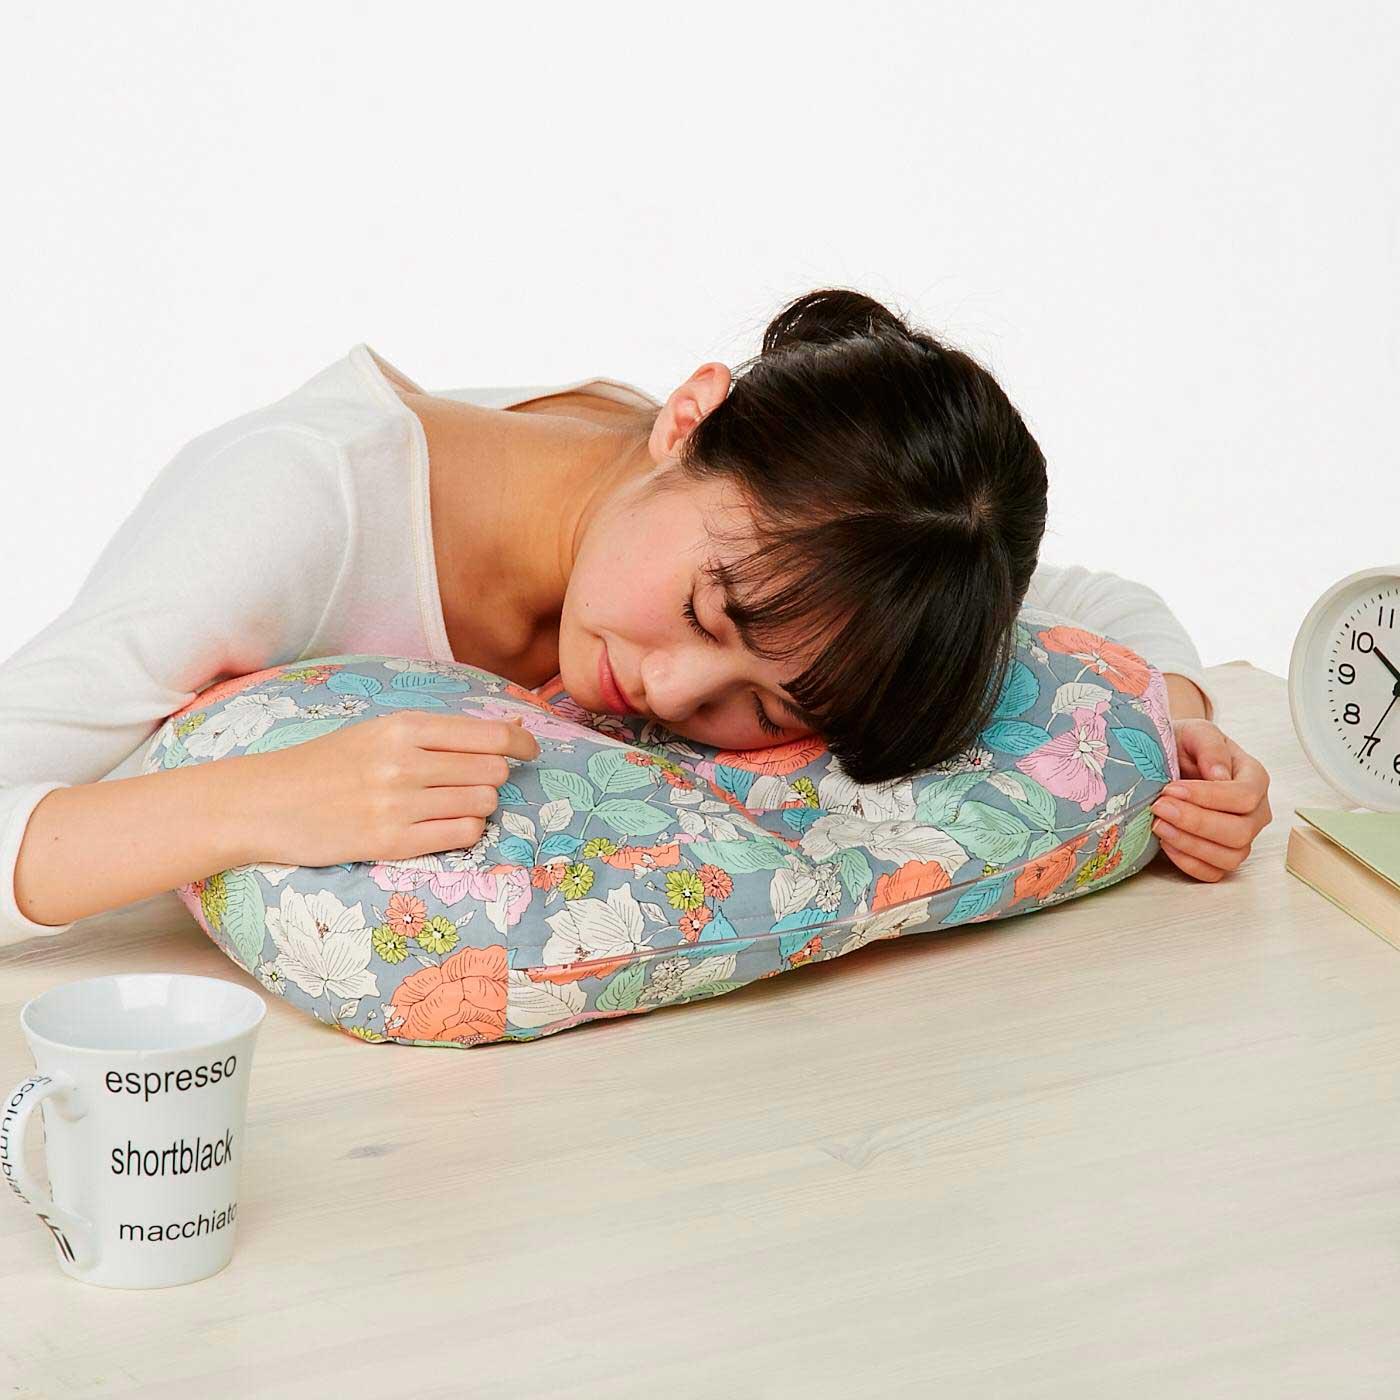 うつぶせ寝にも! デスクでお昼寝するときも呼吸がらくらく。